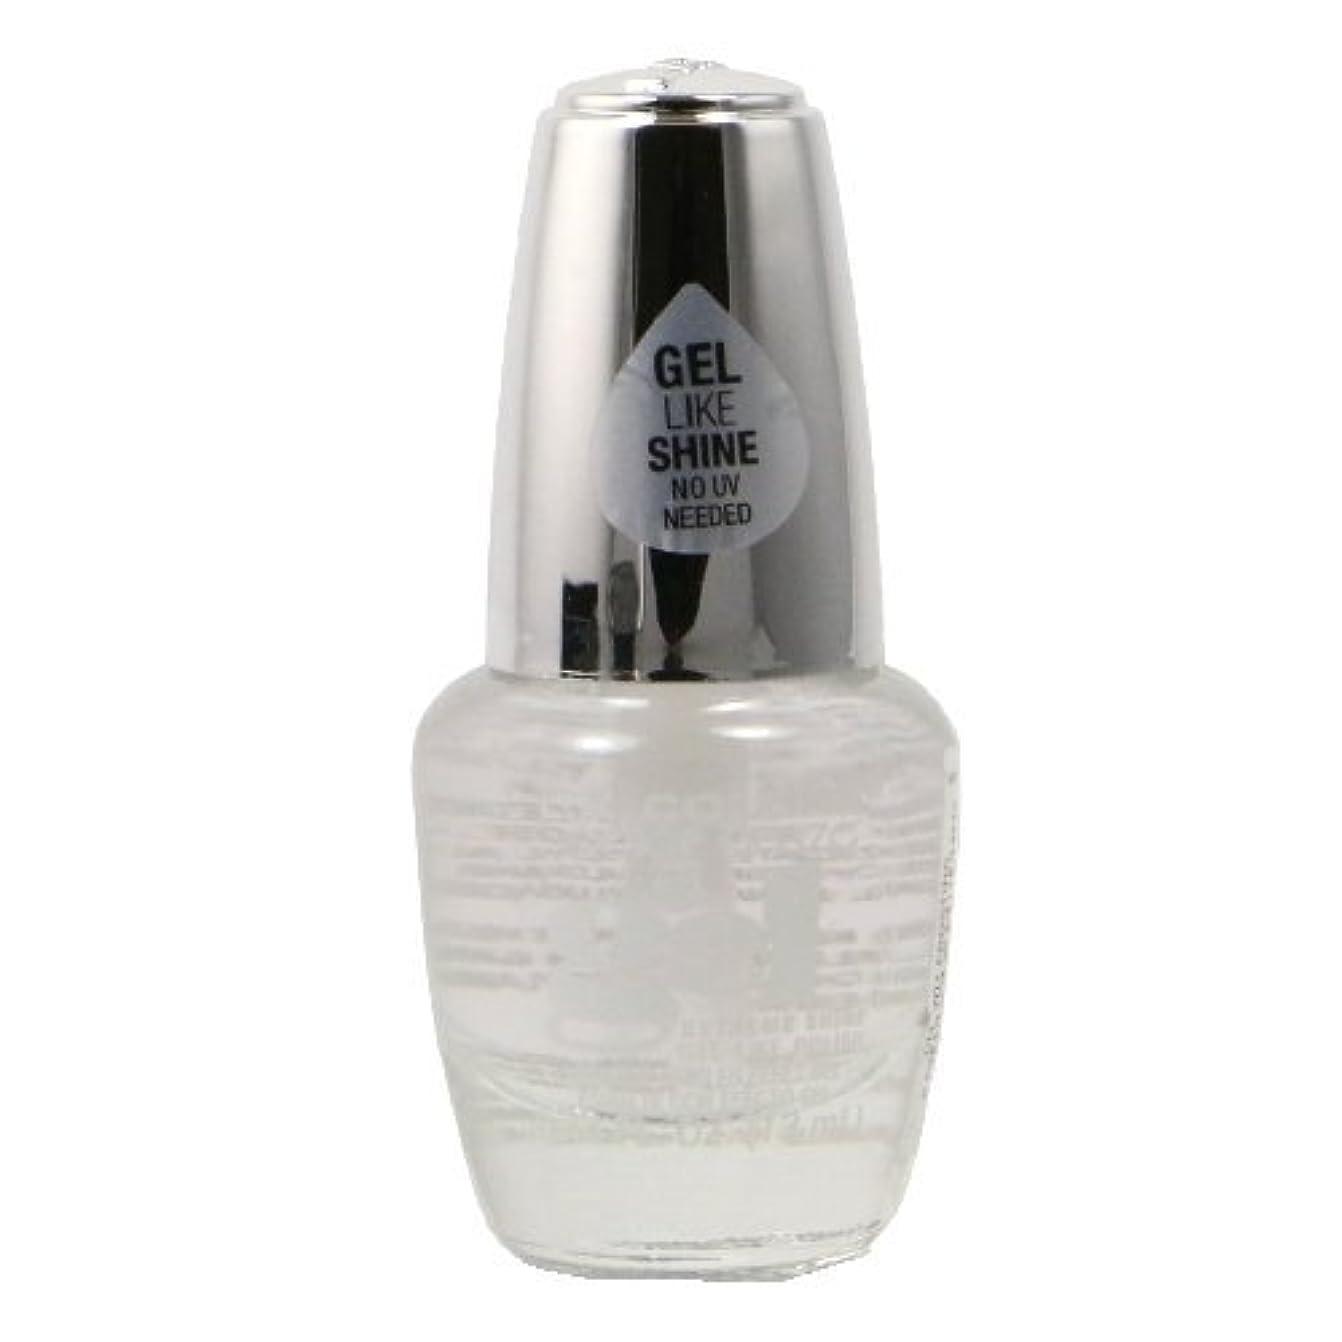 幻滅浸透する痛いLA Colors 美容化粧品21 Cnp701美容化粧品21 0.44 fl。 oz。 (13ml) フロスティング(cnp701)